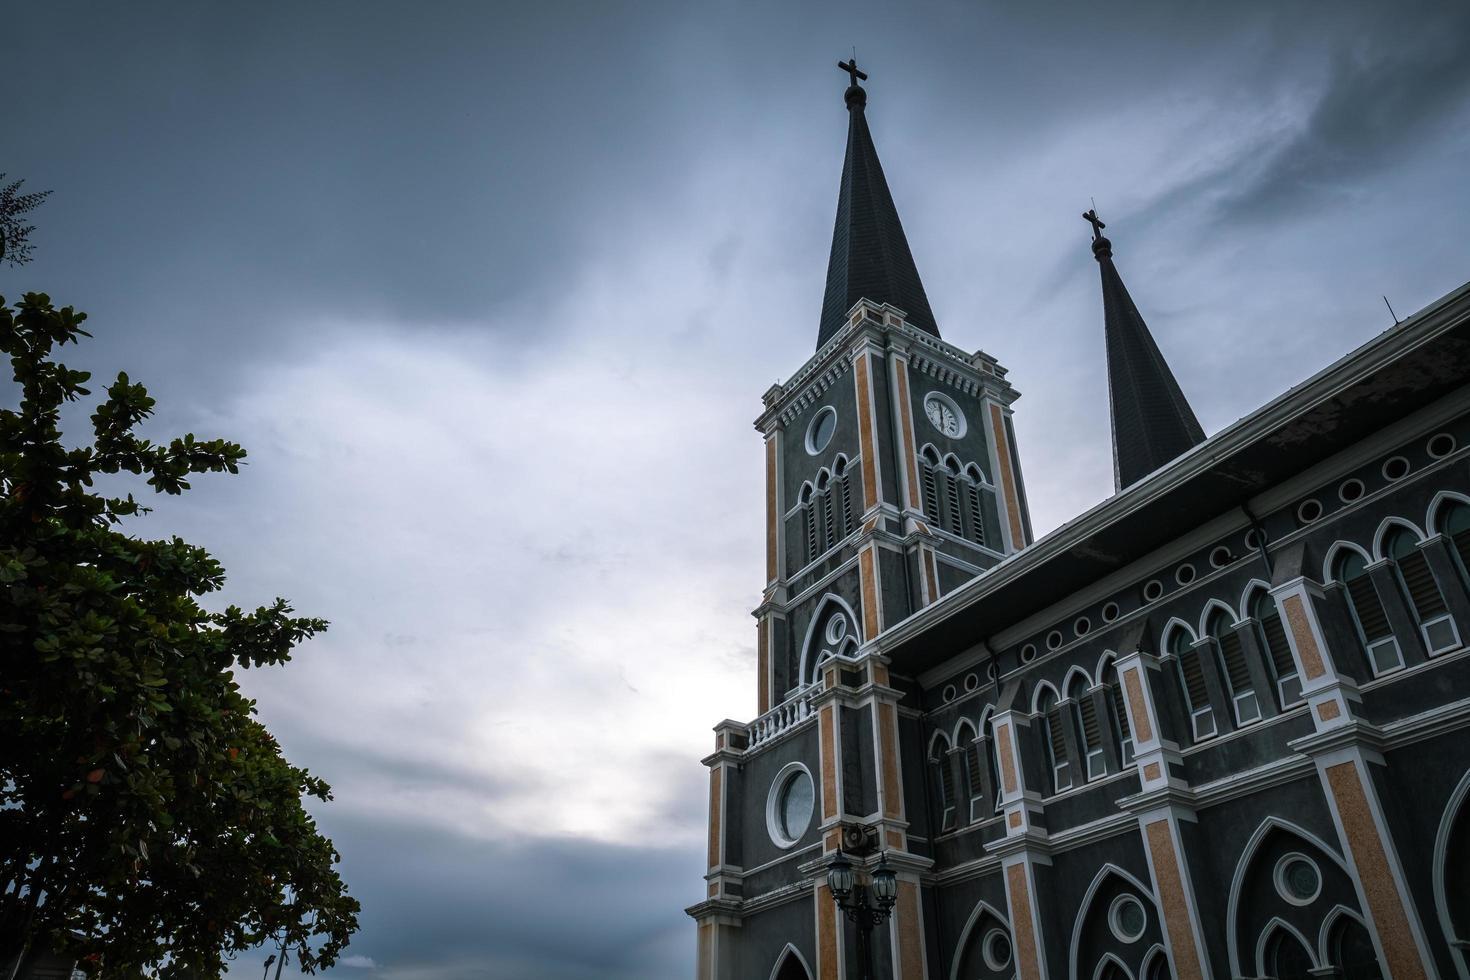 chiesa di sera foto